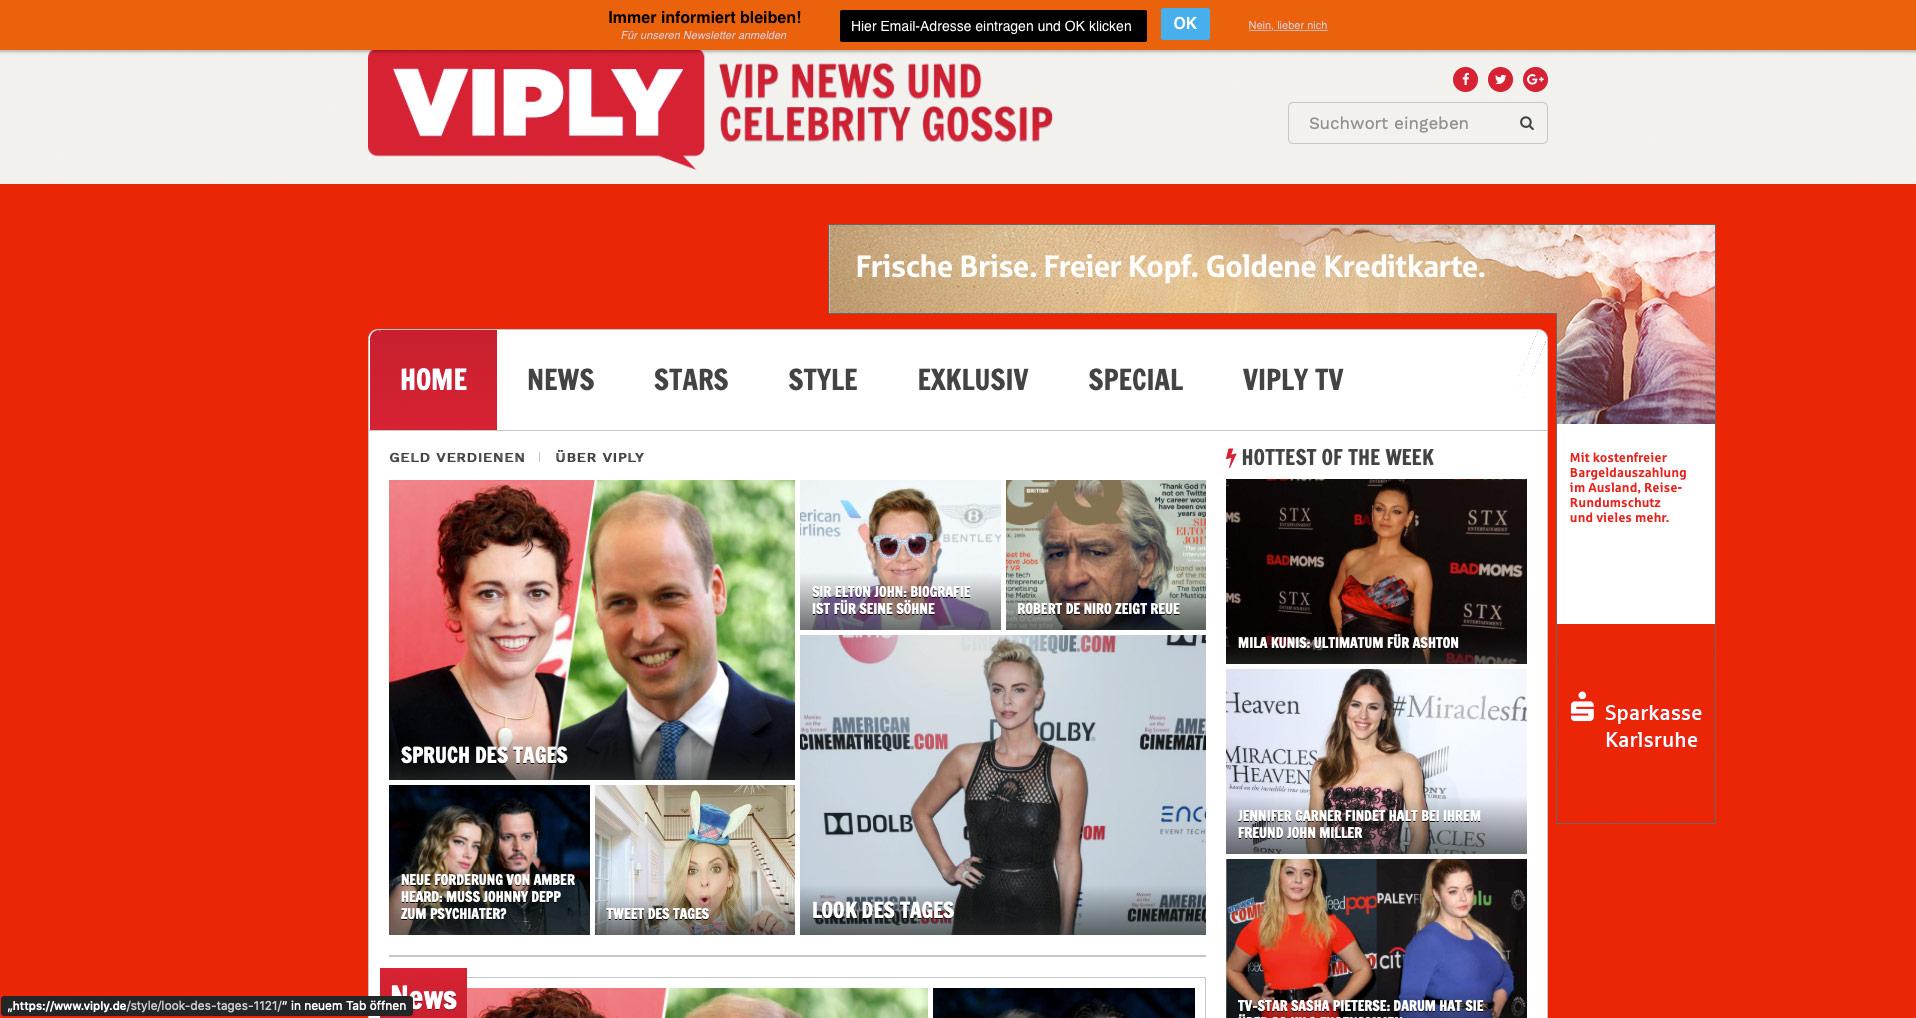 P1XEL - WordPress Newsportal Viply.de